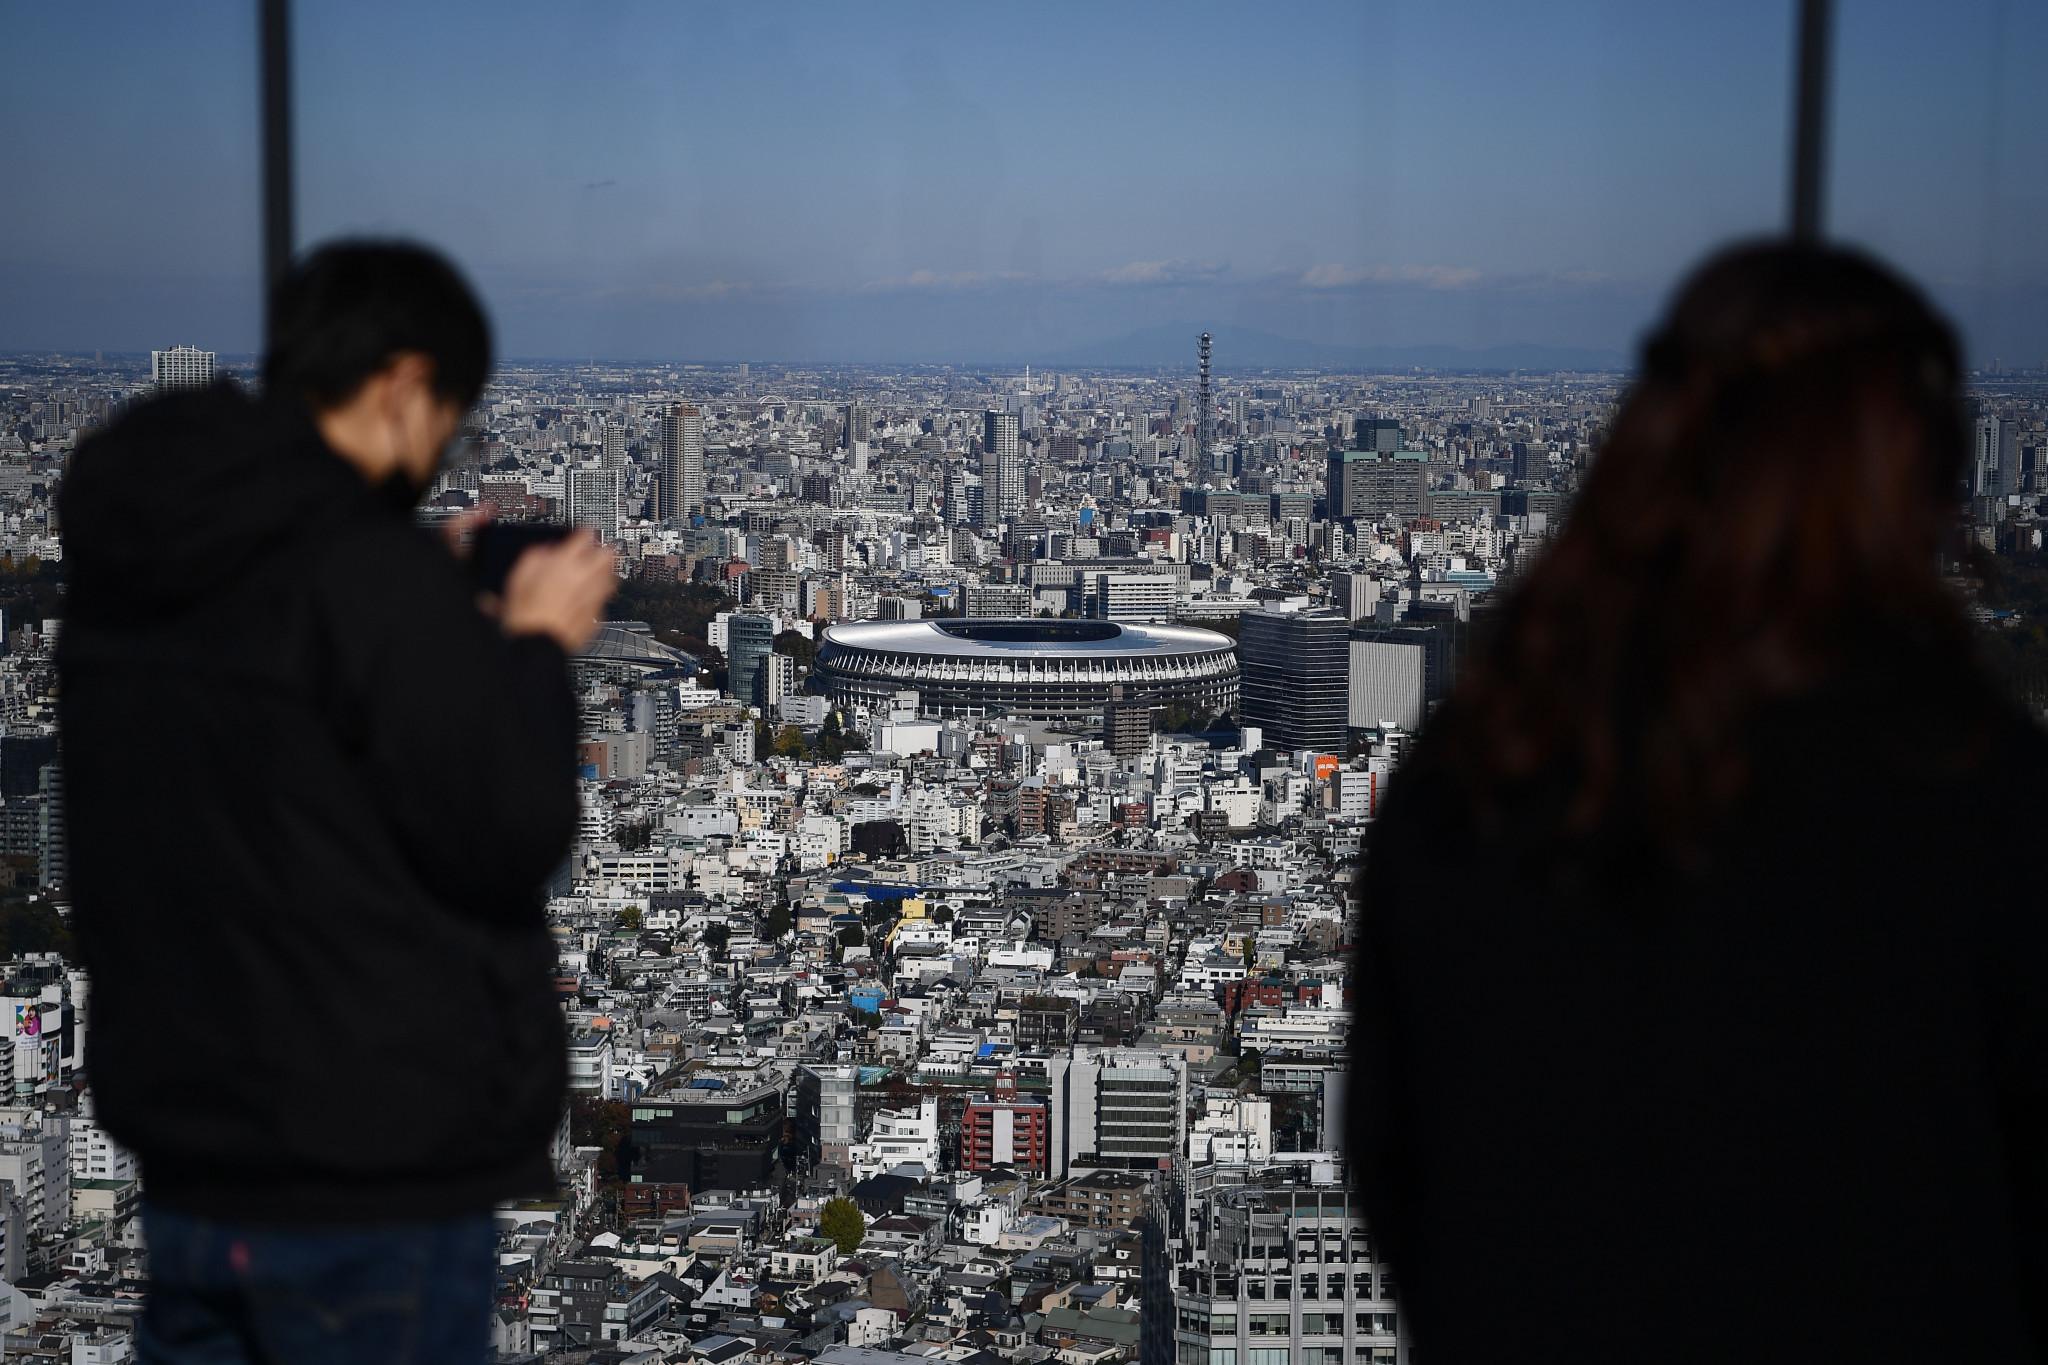 Il completamento della sede segna un'importante pietra miliare per Tokyo 2020 © Getty Images